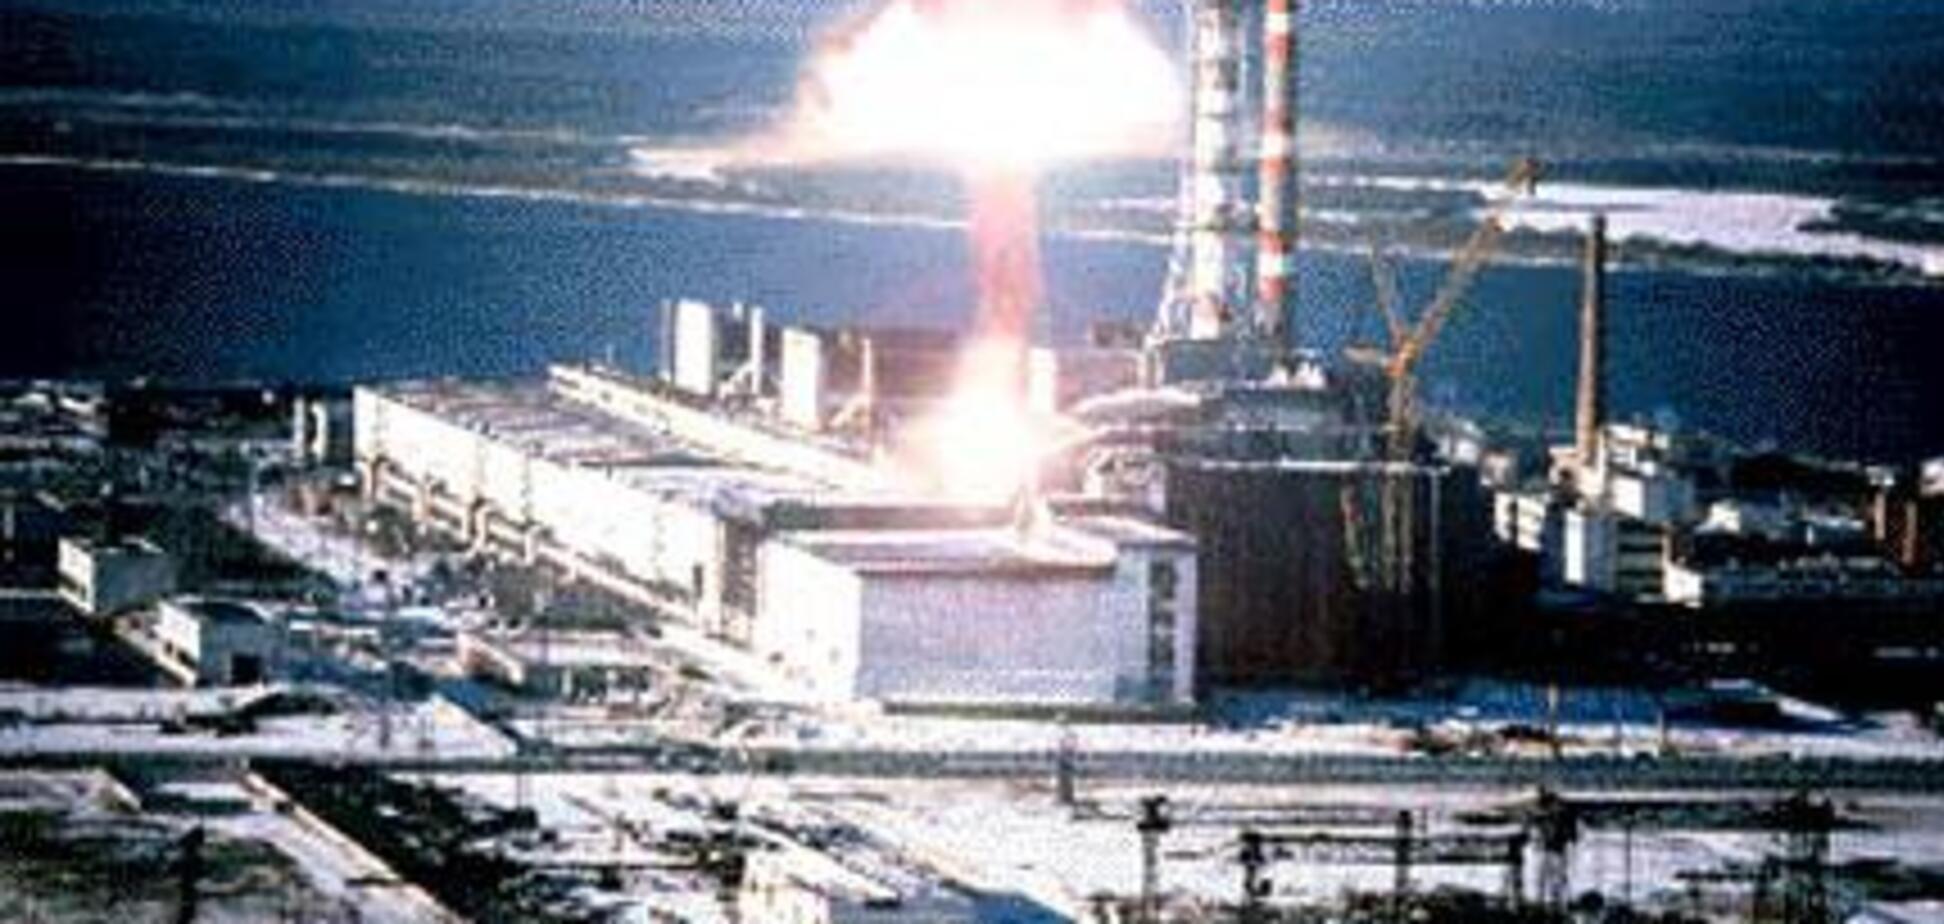 ЧАЭС, Чернобыль, взрыв